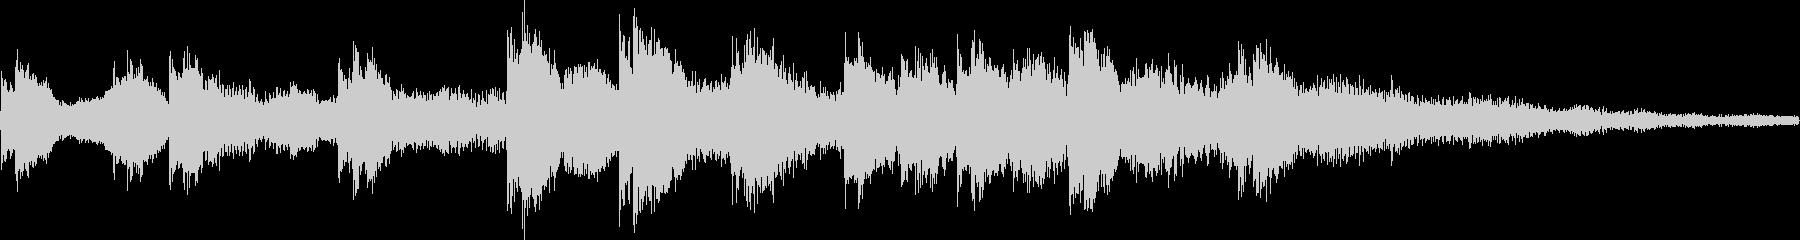 k012 アラーム音(ループ仕様)の未再生の波形